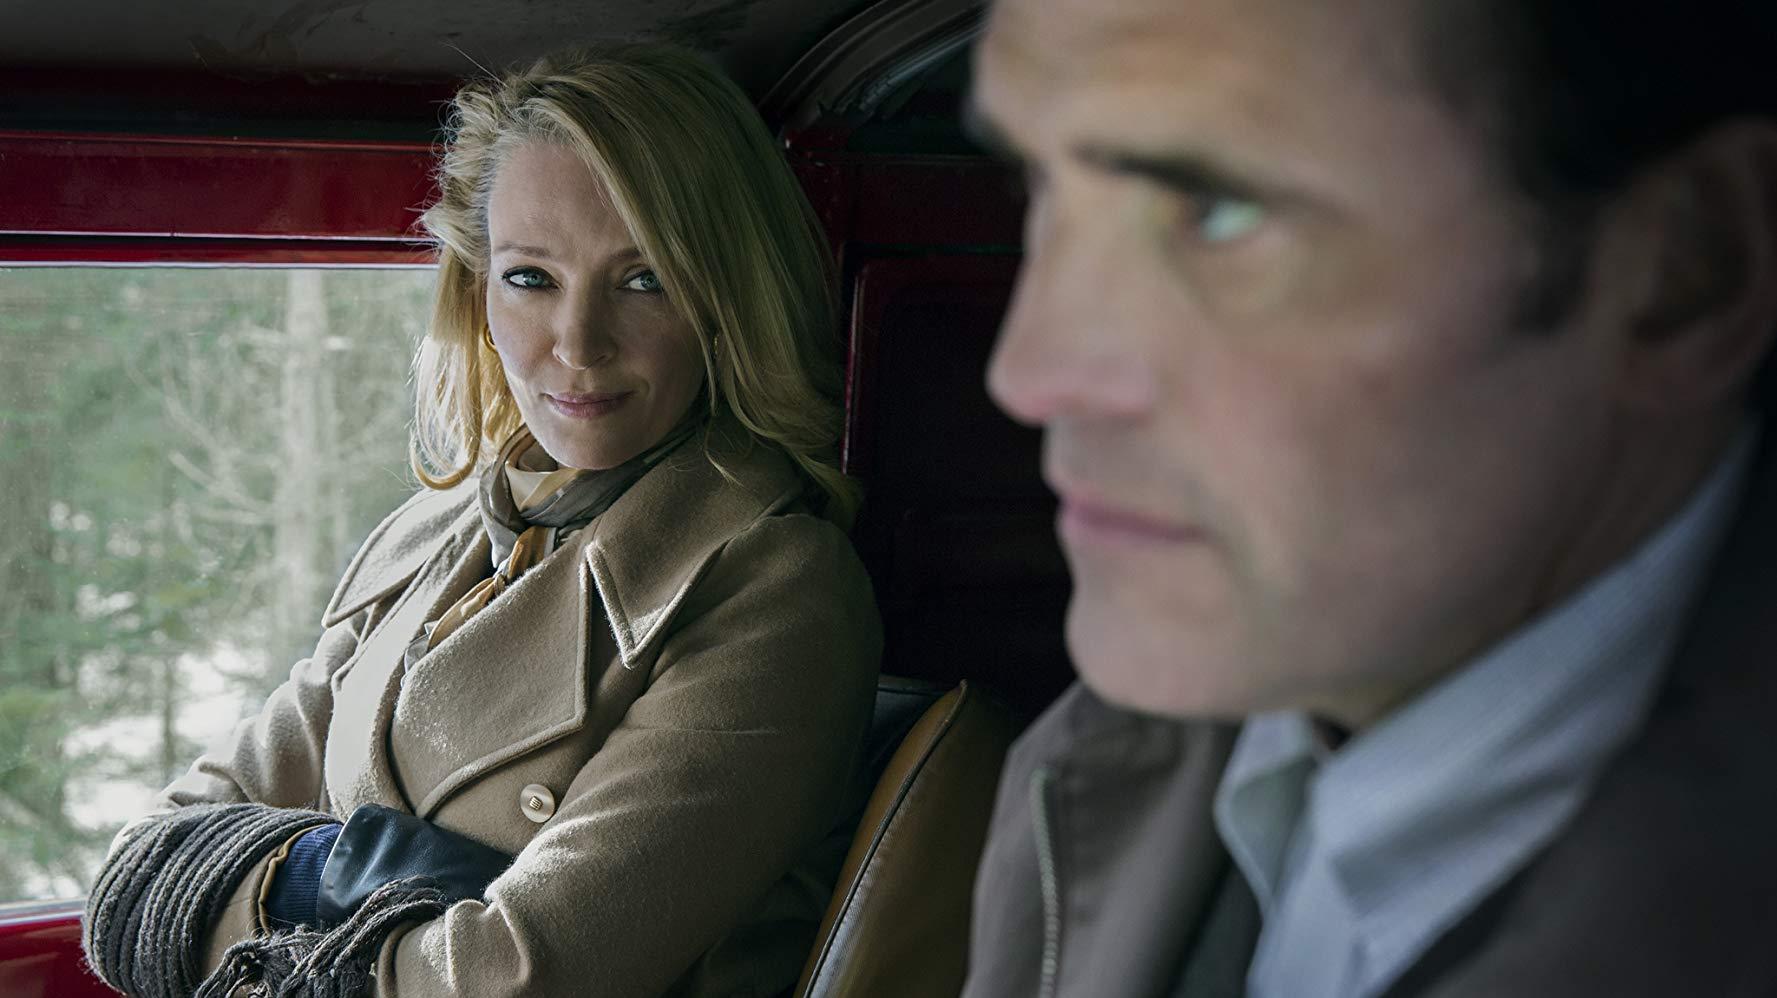 Роль первой жертвы Джека исполнила Ума Турман / IMDB